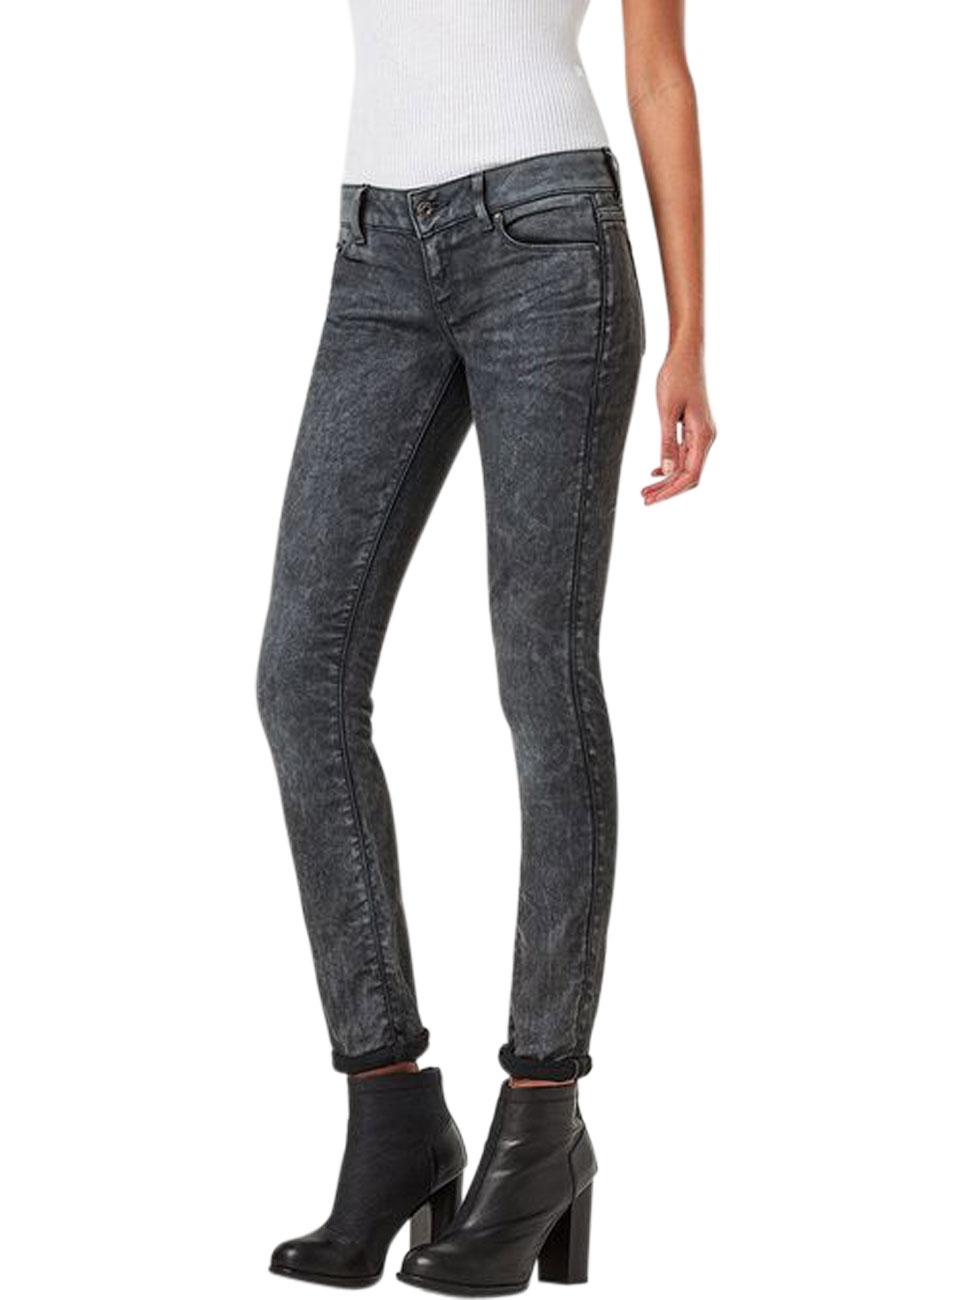 skinny low waist jeans damen. Black Bedroom Furniture Sets. Home Design Ideas